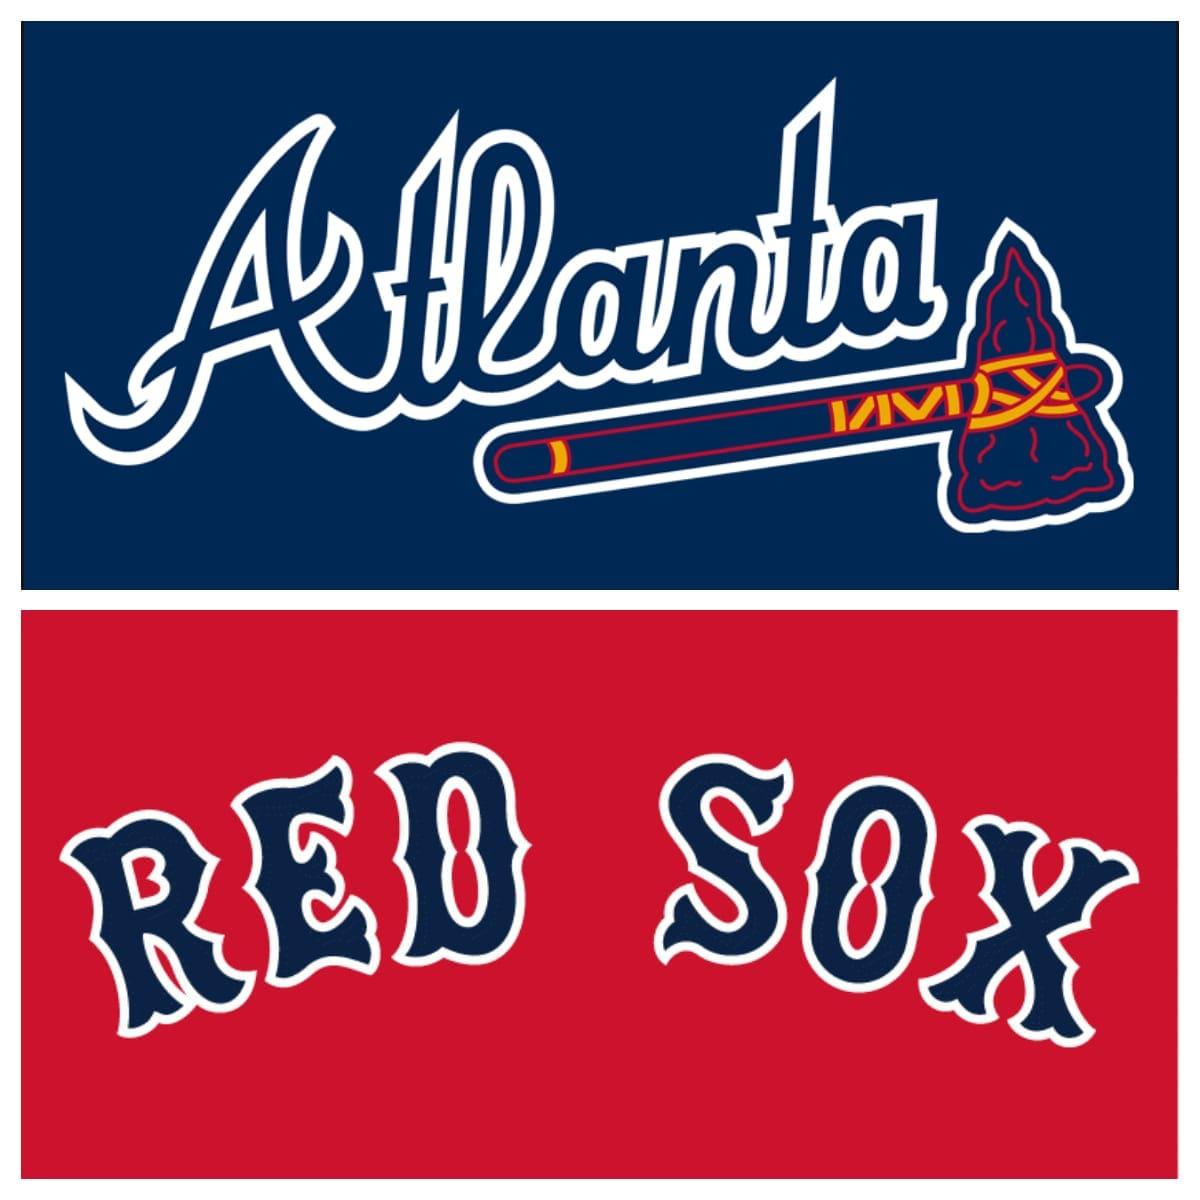 Atlanta Braves vs Boston Red Sox Stats